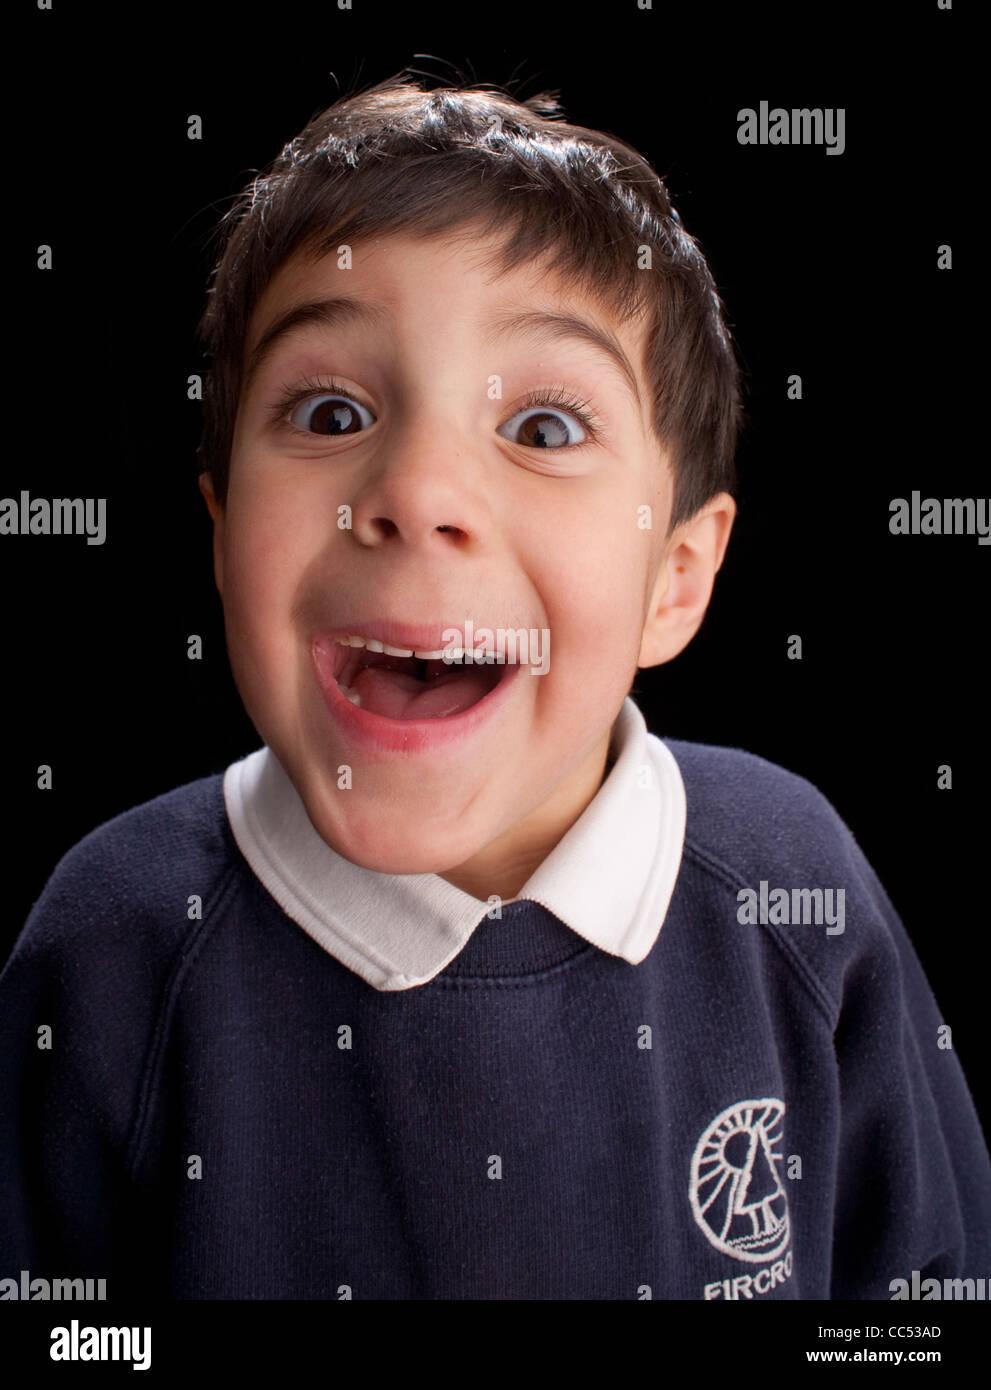 Junge, Lächeln, Studioaufnahme Stockbild